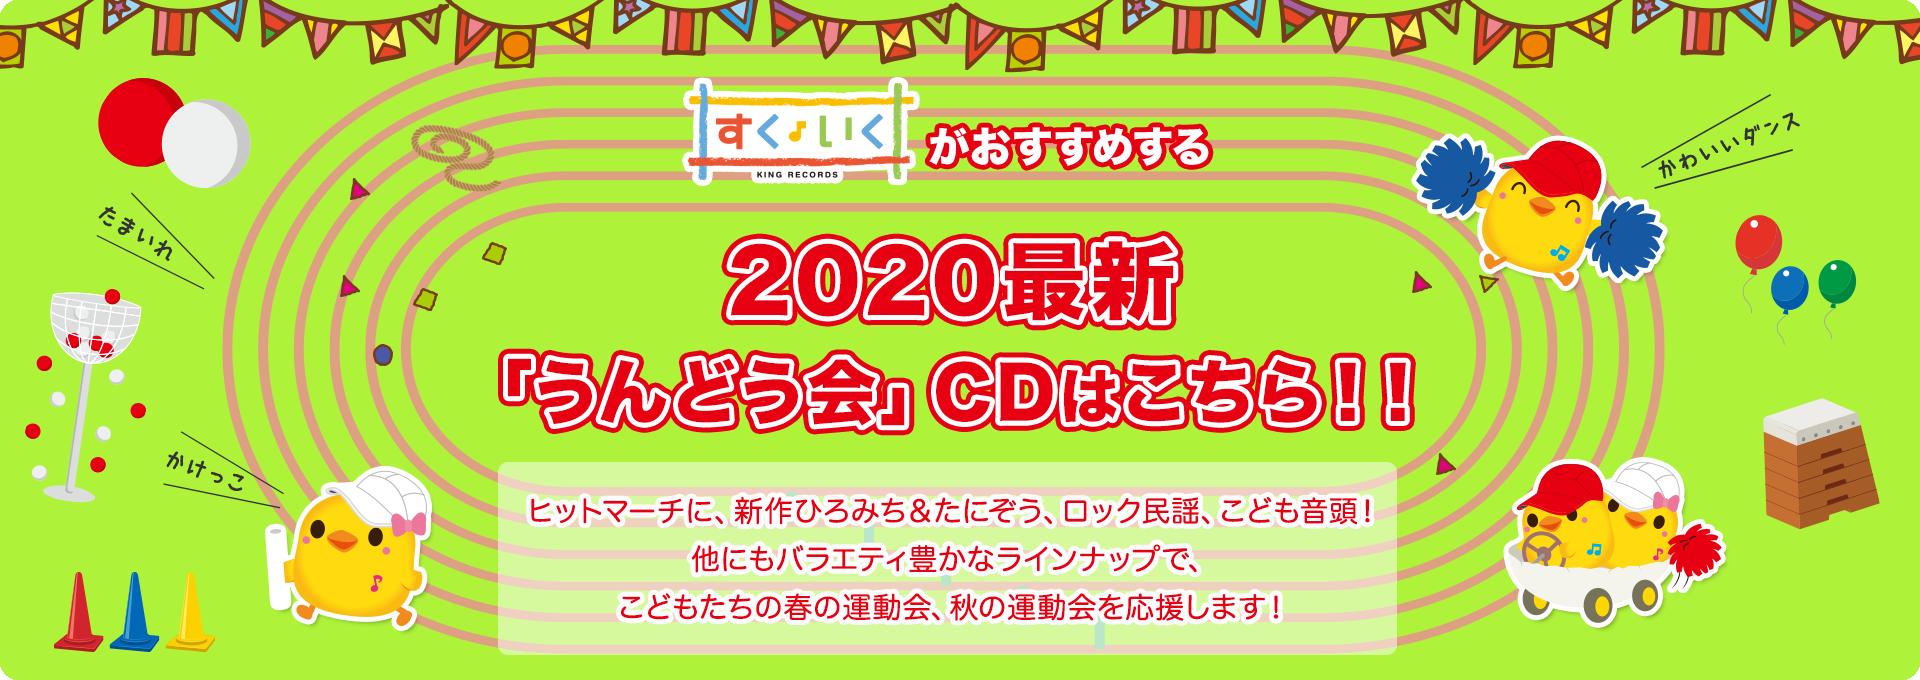 特集【2020年4月号】:2020年すくいくがおすすめする「うんどう会」CDはこちら!!